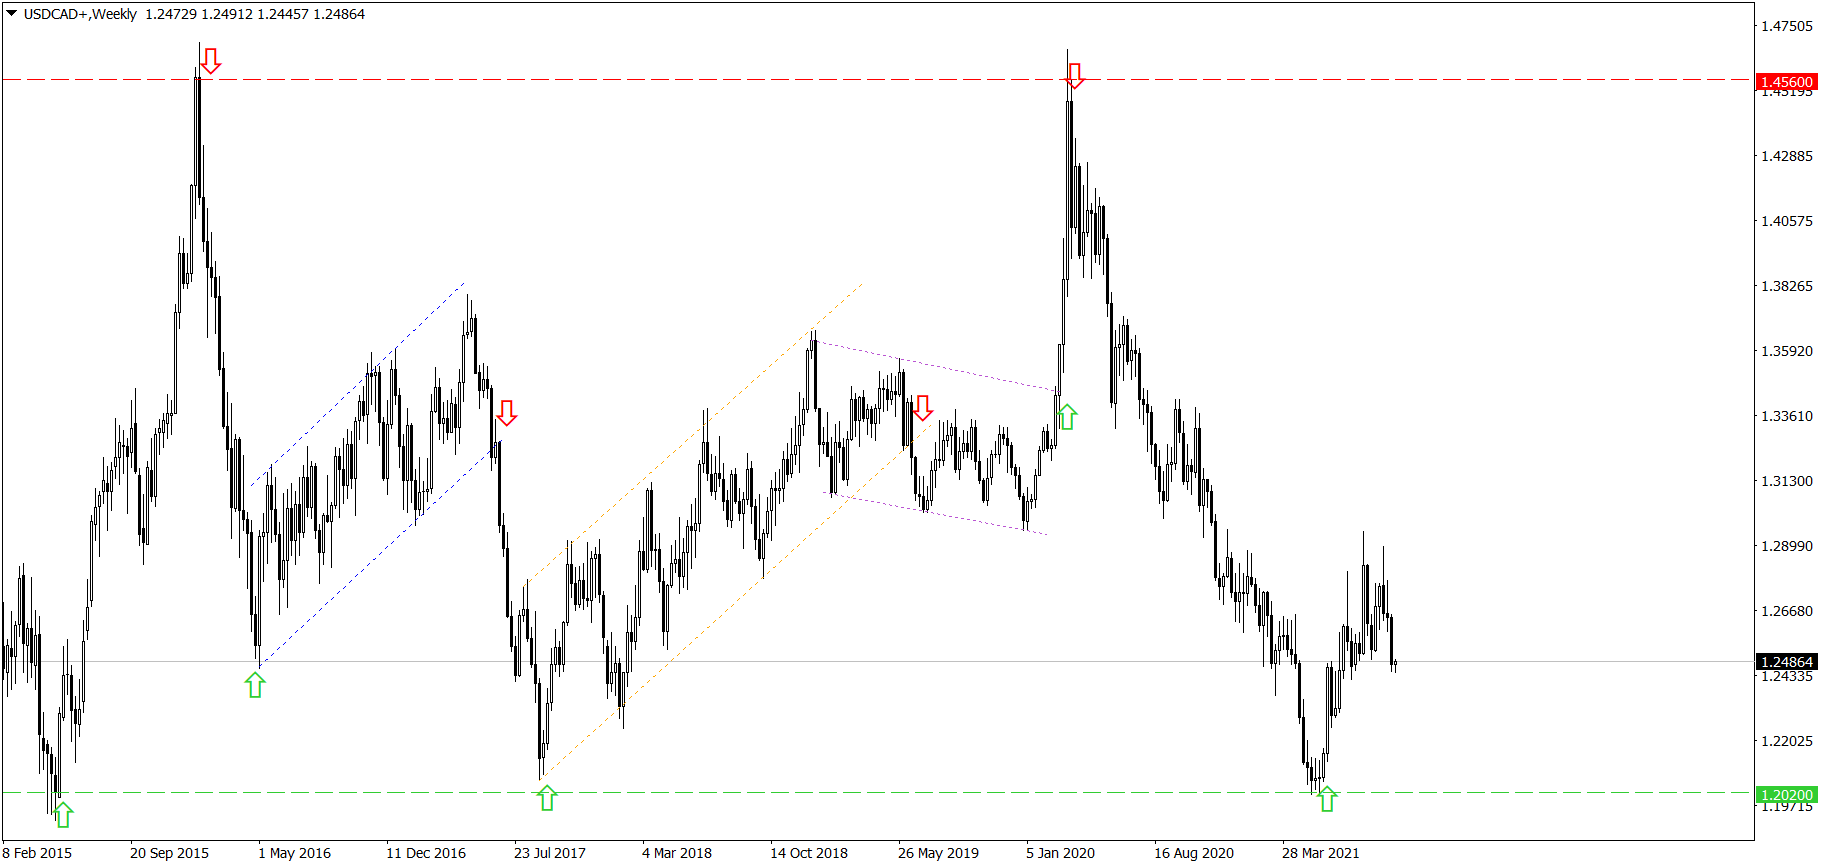 Tygodniowy wykres USD/CAD